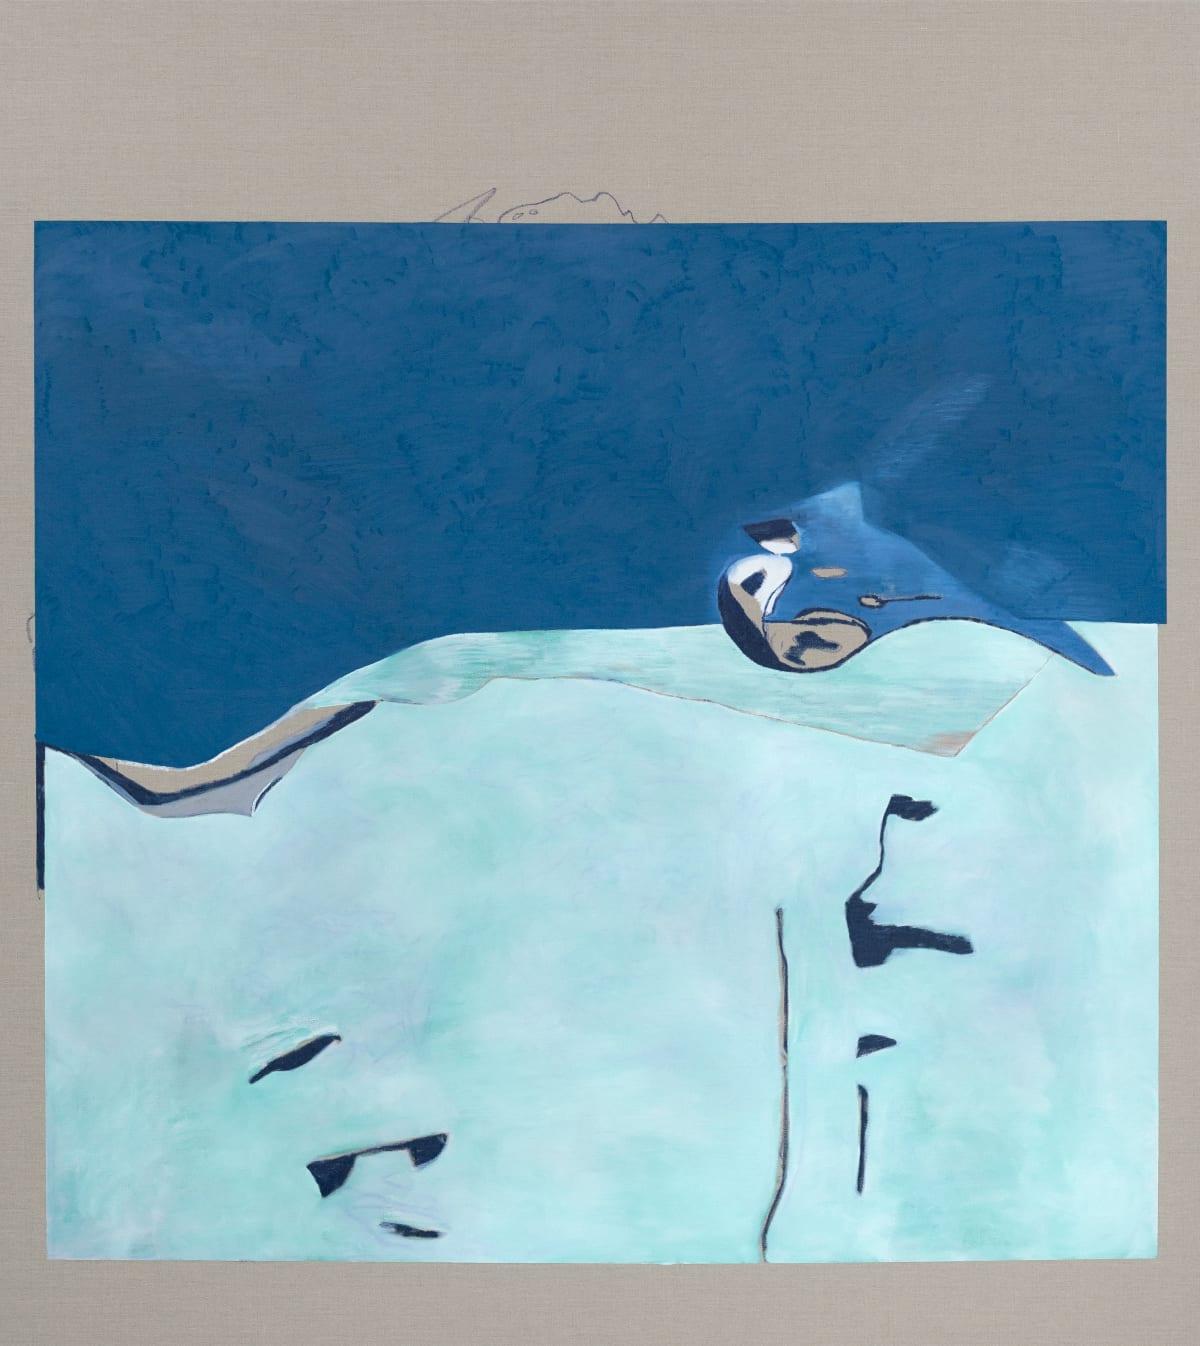 Florentijn de Boer, In what salt rivers will we wash this story - II